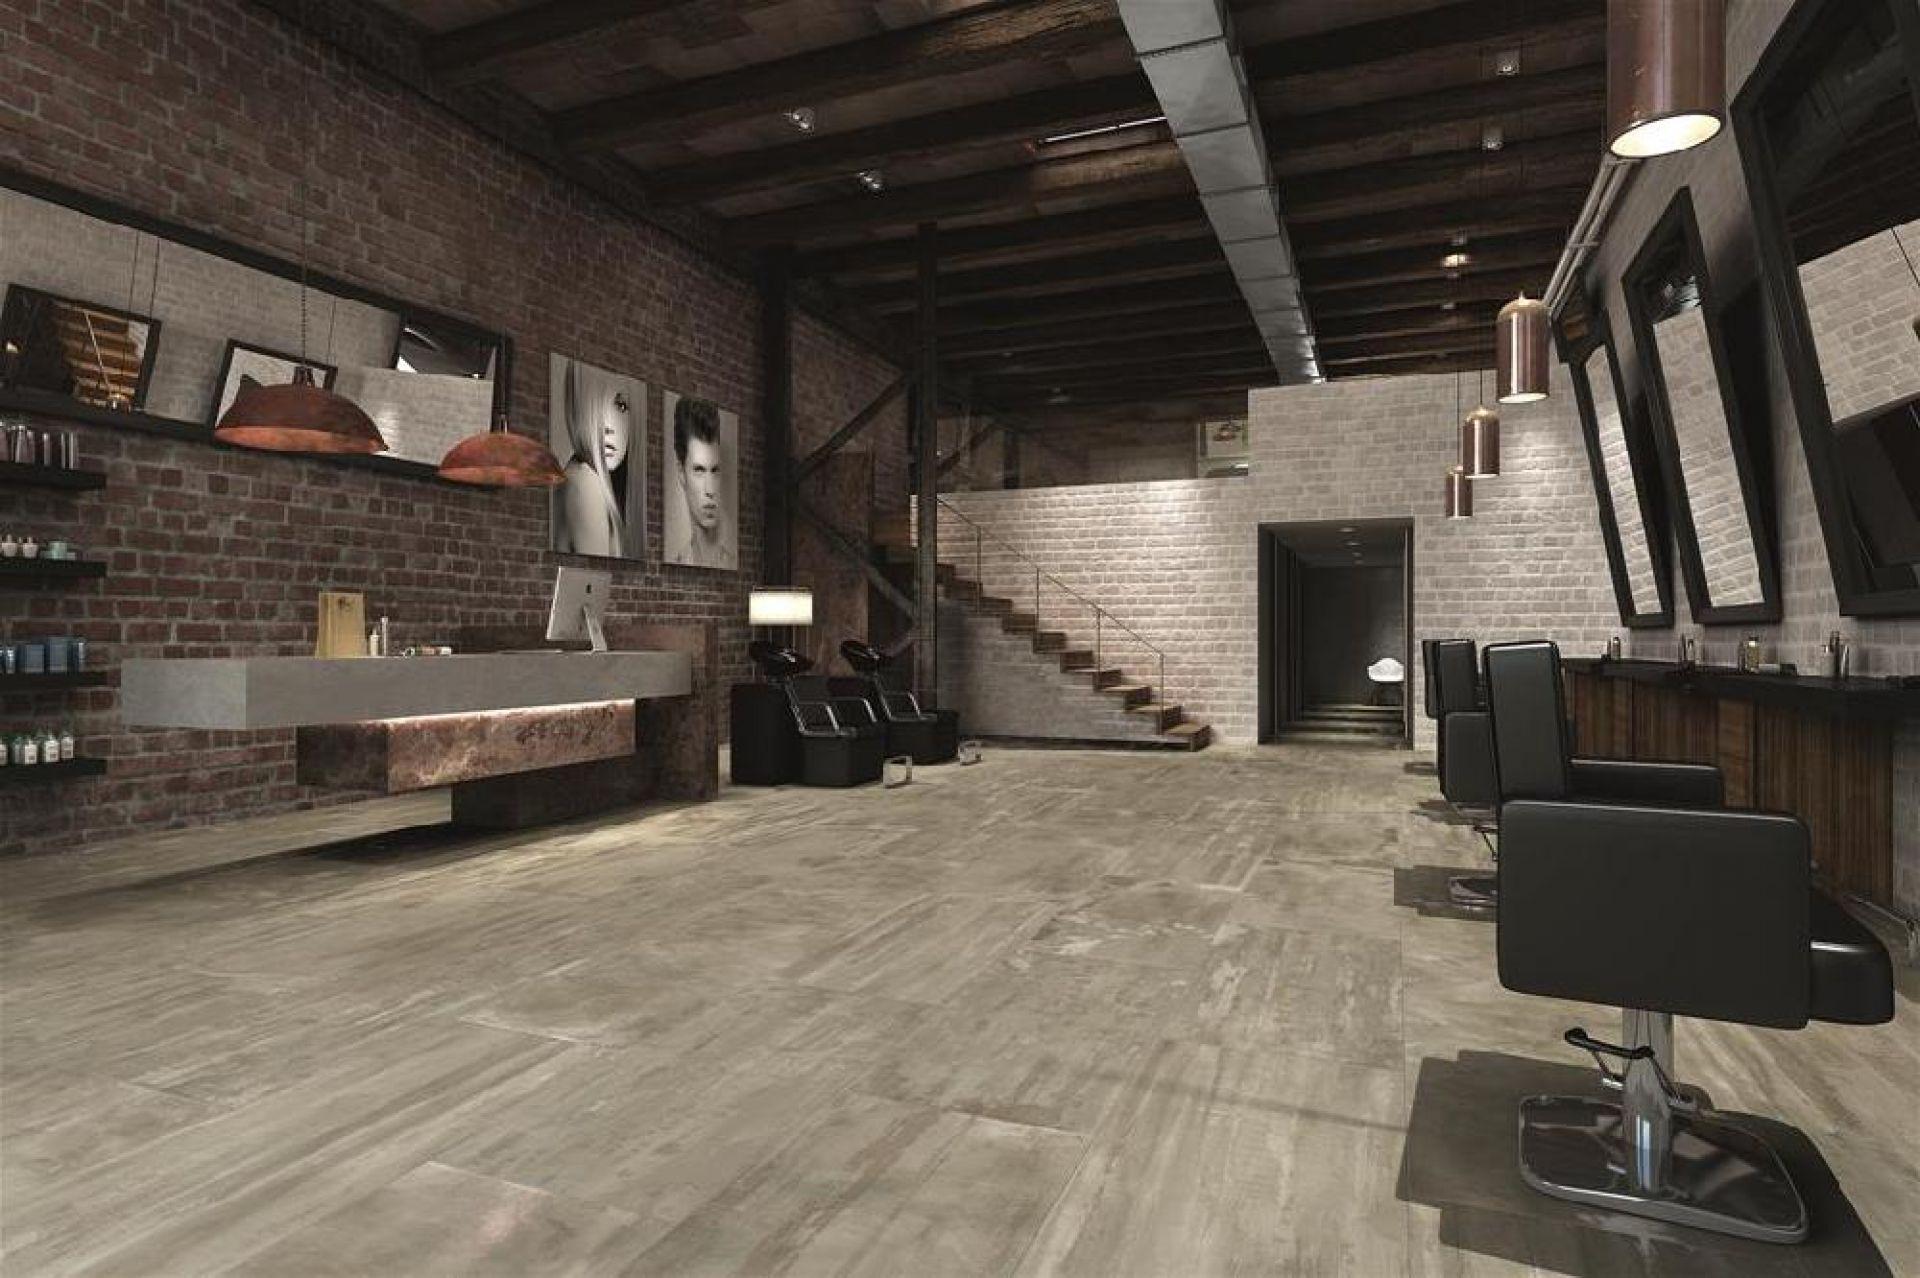 Pavimenti gres porcellanato abc interni - Ultime tendenze pavimenti interni ...